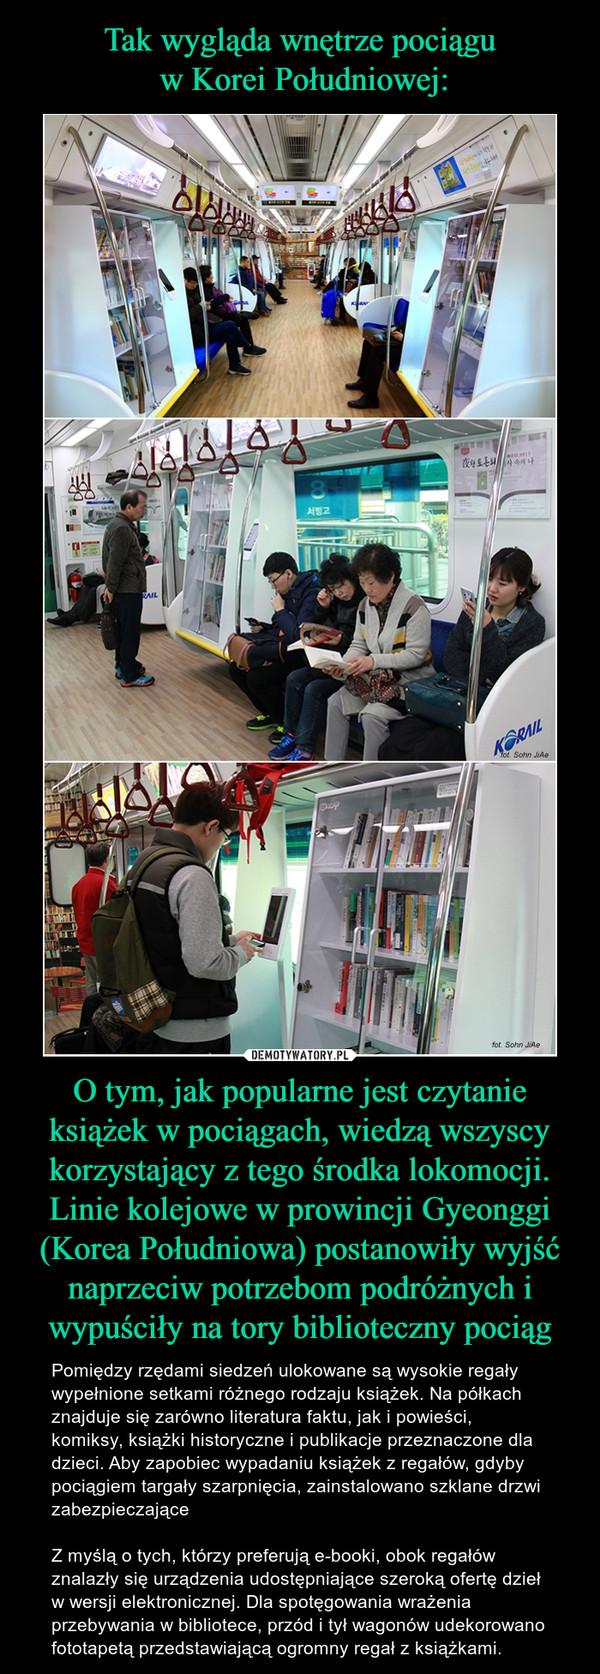 O tym, jak popularne jest czytanie książek w pociągach, wiedzą wszyscy korzystający z tego środka lokomocji. Linie kolejowe w prowincji Gyeonggi (Korea Południowa) postanowiły wyjść naprzeciw potrzebom podróżnych i wypuściły na tory biblioteczny pociąg – Pomiędzy rzędami siedzeń ulokowane są wysokie regały wypełnione setkami różnego rodzaju książek. Na półkach znajduje się zarówno literatura faktu, jak i powieści, komiksy, książki historyczne i publikacje przeznaczone dla dzieci. Aby zapobiec wypadaniu książek z regałów, gdyby pociągiem targały szarpnięcia, zainstalowano szklane drzwi zabezpieczająceZ myślą o tych, którzy preferują e-booki, obok regałów znalazły się urządzenia udostępniające szeroką ofertę dzieł w wersji elektronicznej. Dla spotęgowania wrażenia przebywania w bibliotece, przód i tył wagonów udekorowano fototapetą przedstawiającą ogromny regał z książkami.